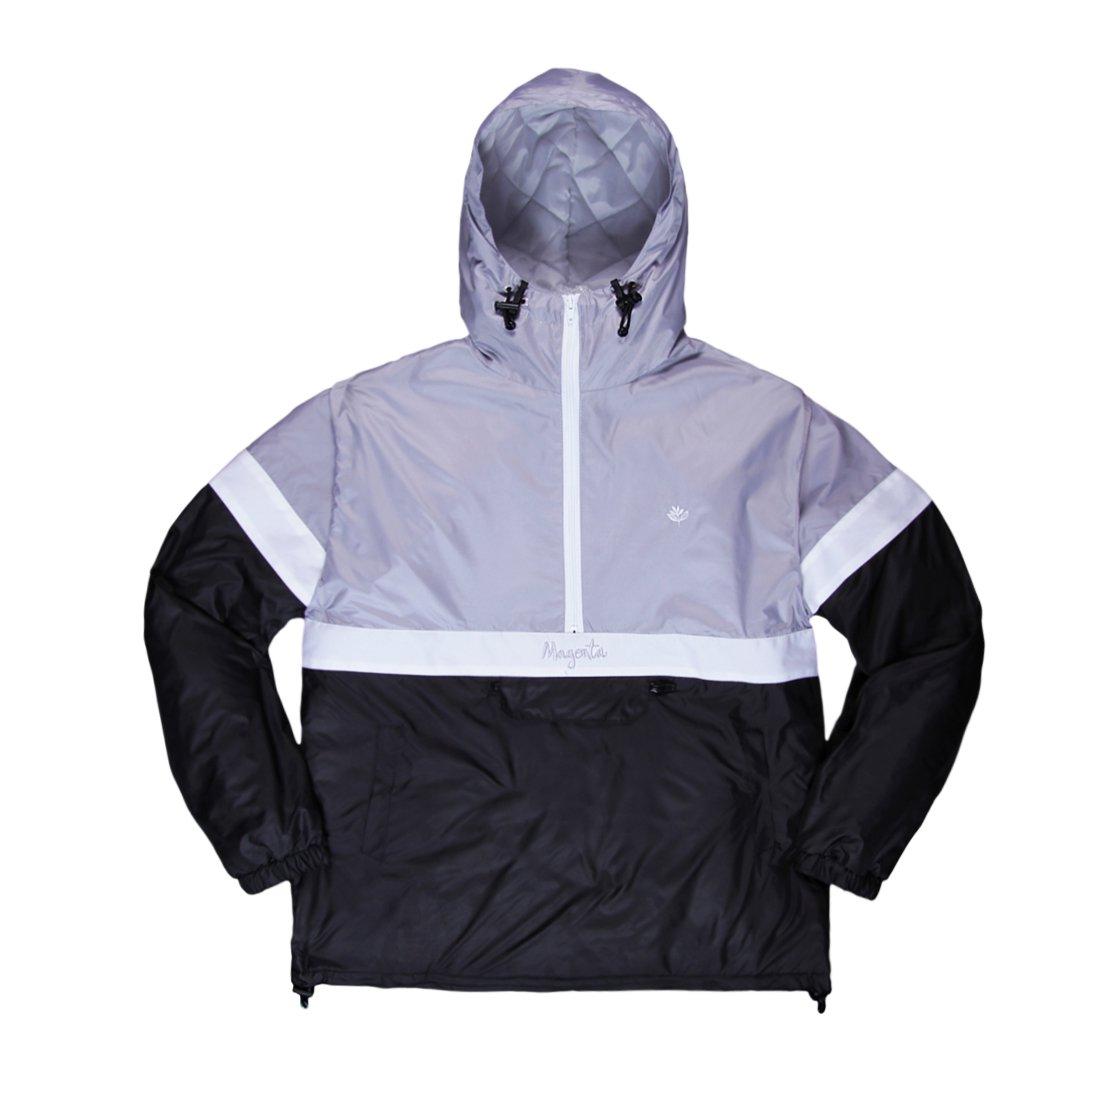 【MAGENTA】96 Jacket - Grey